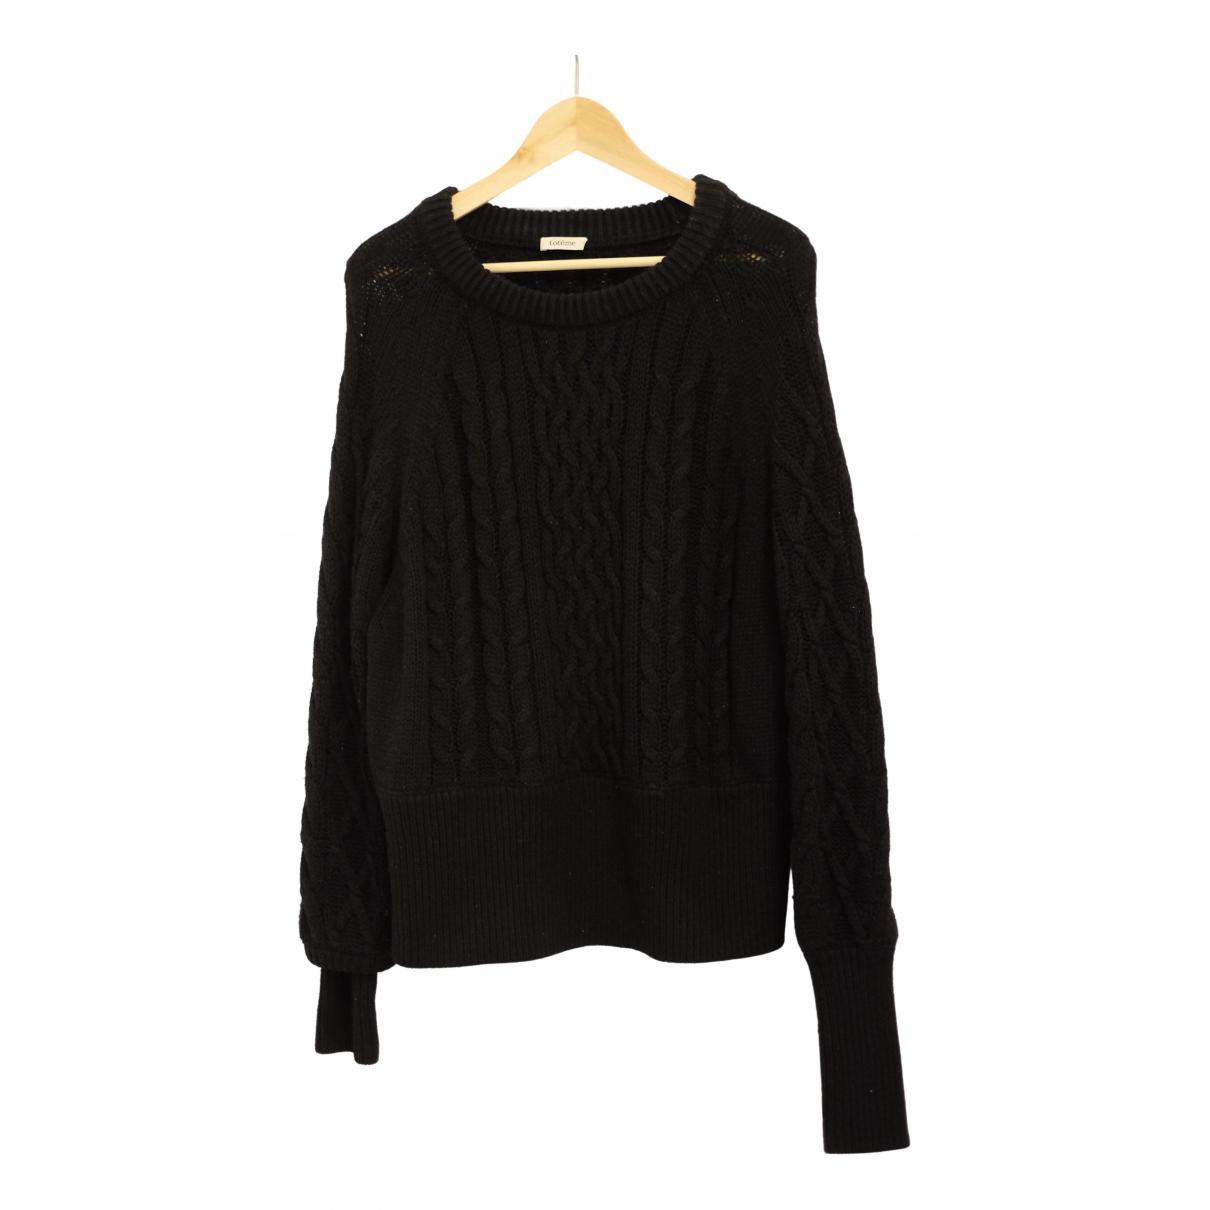 Toteme - Pull   pour femme en laine - noir